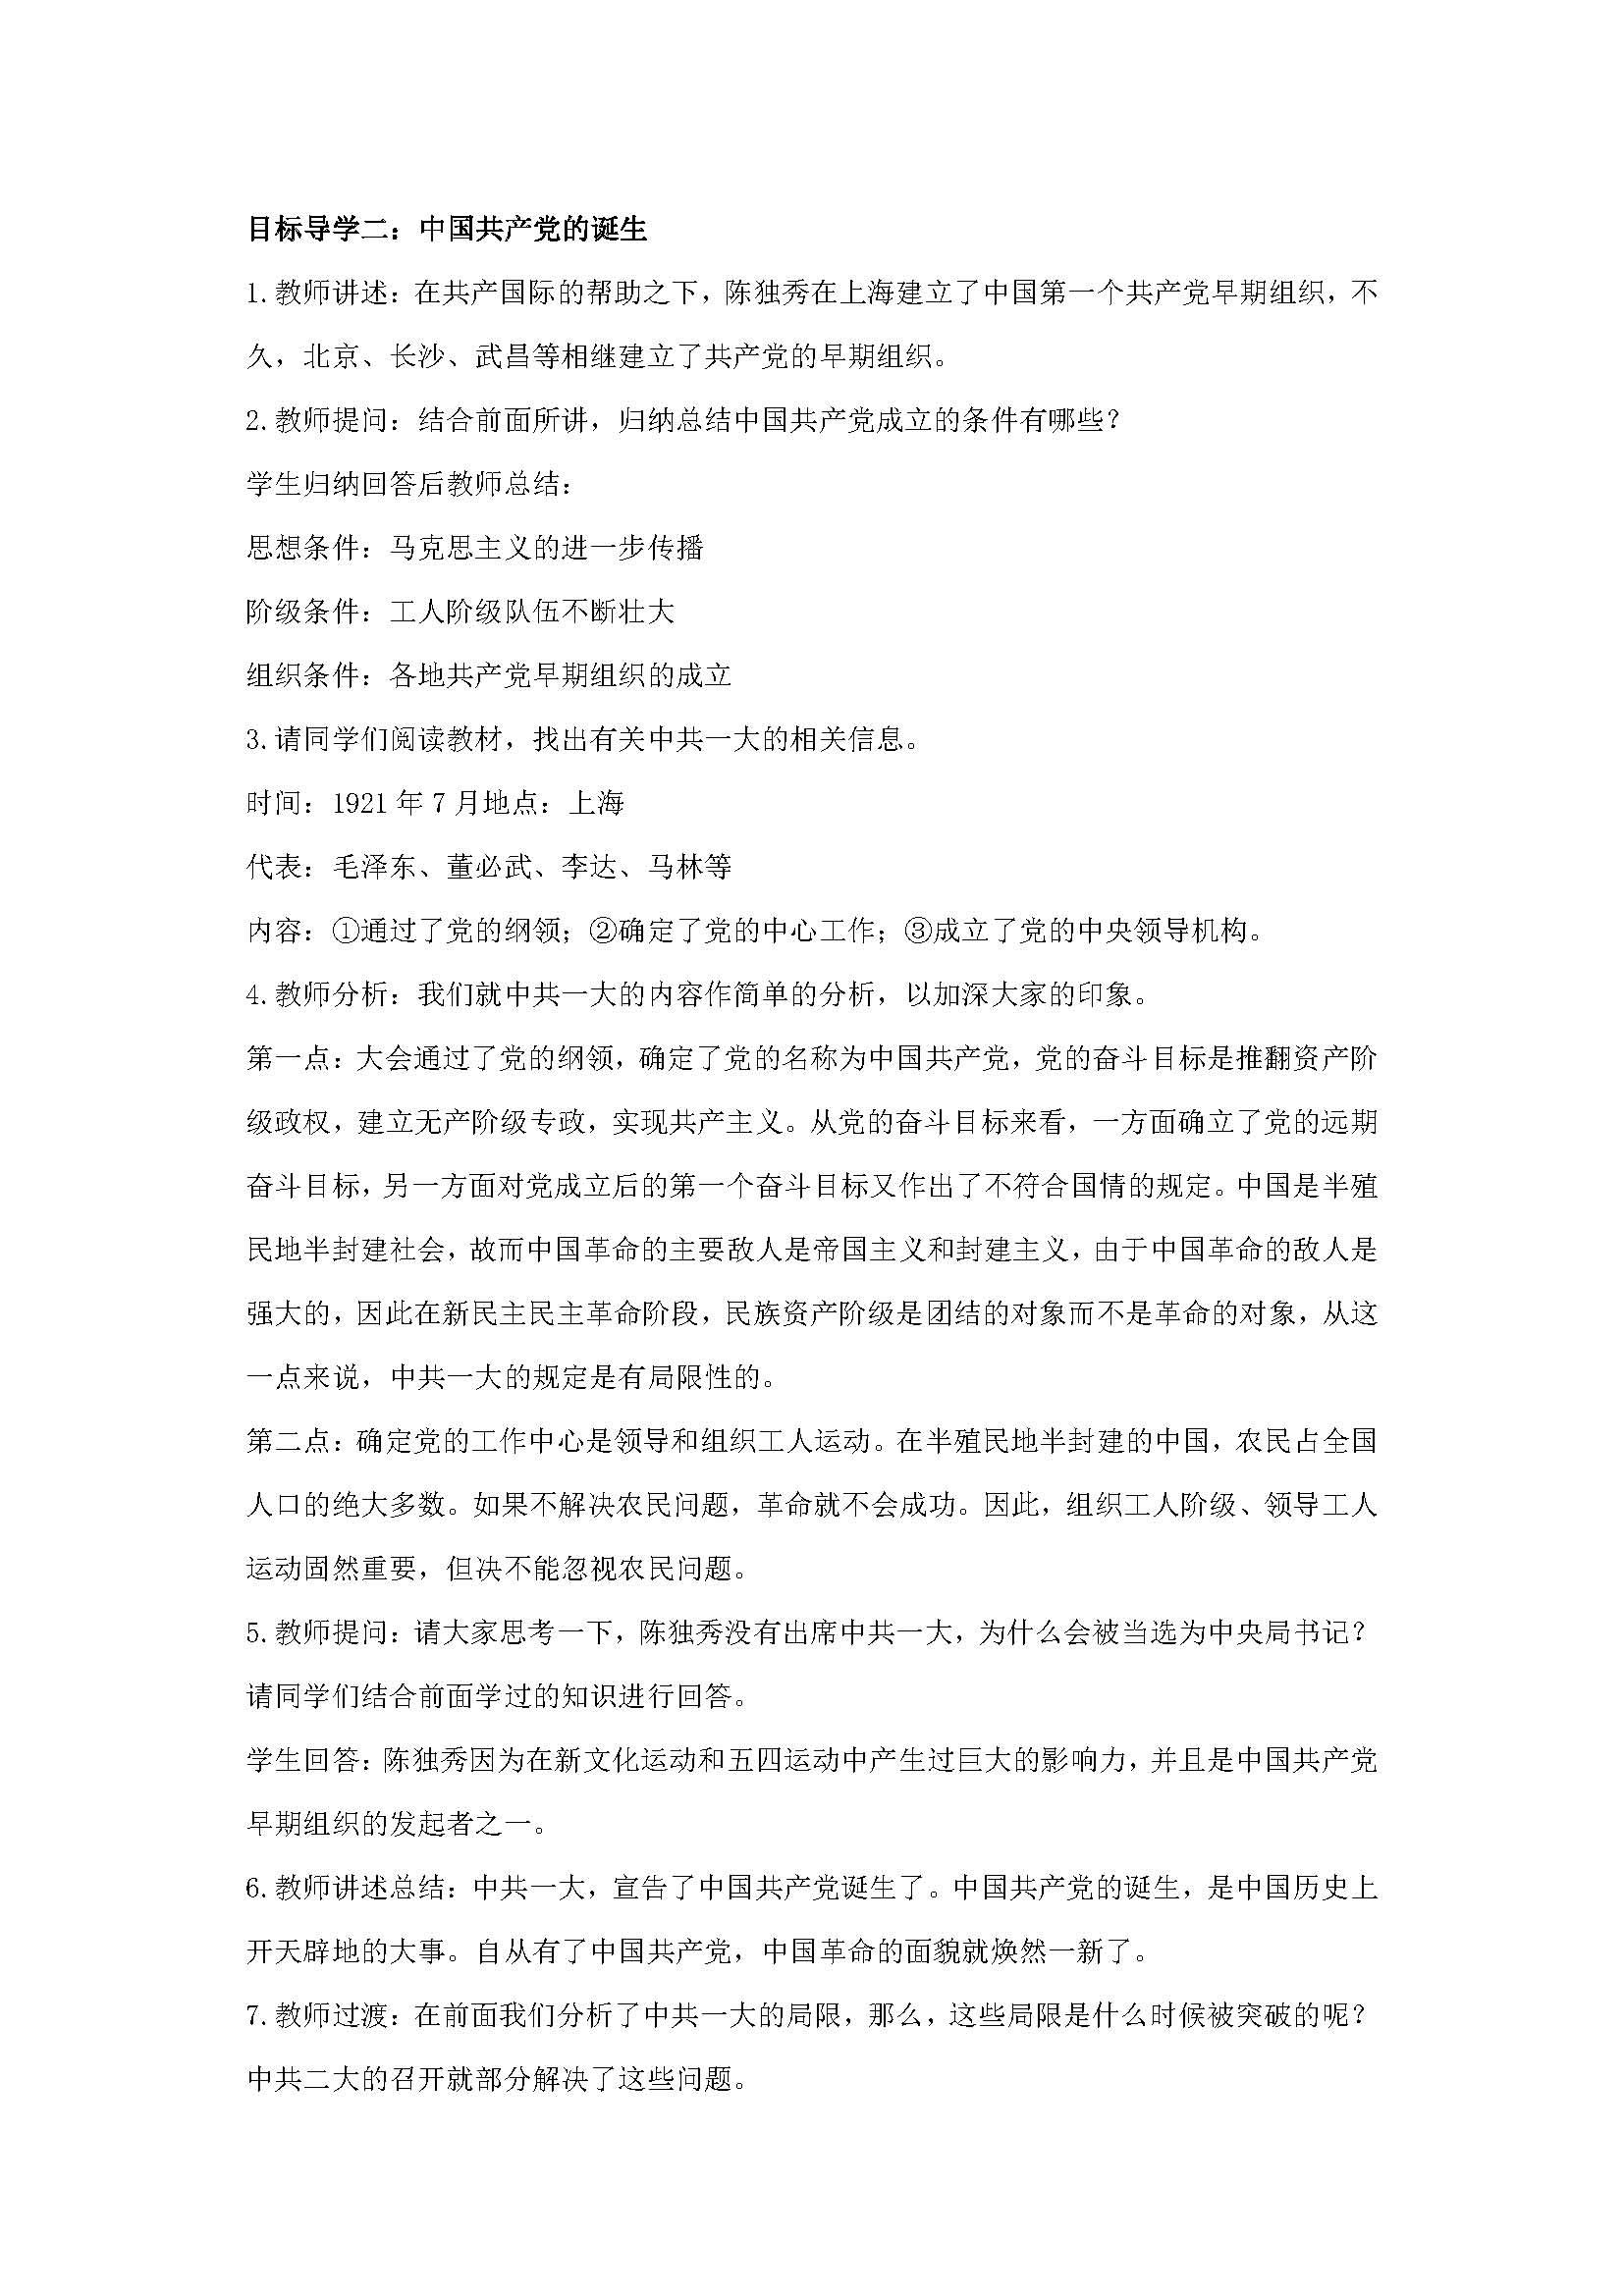 人教版初二上历史教案第14课中国共产党诞生